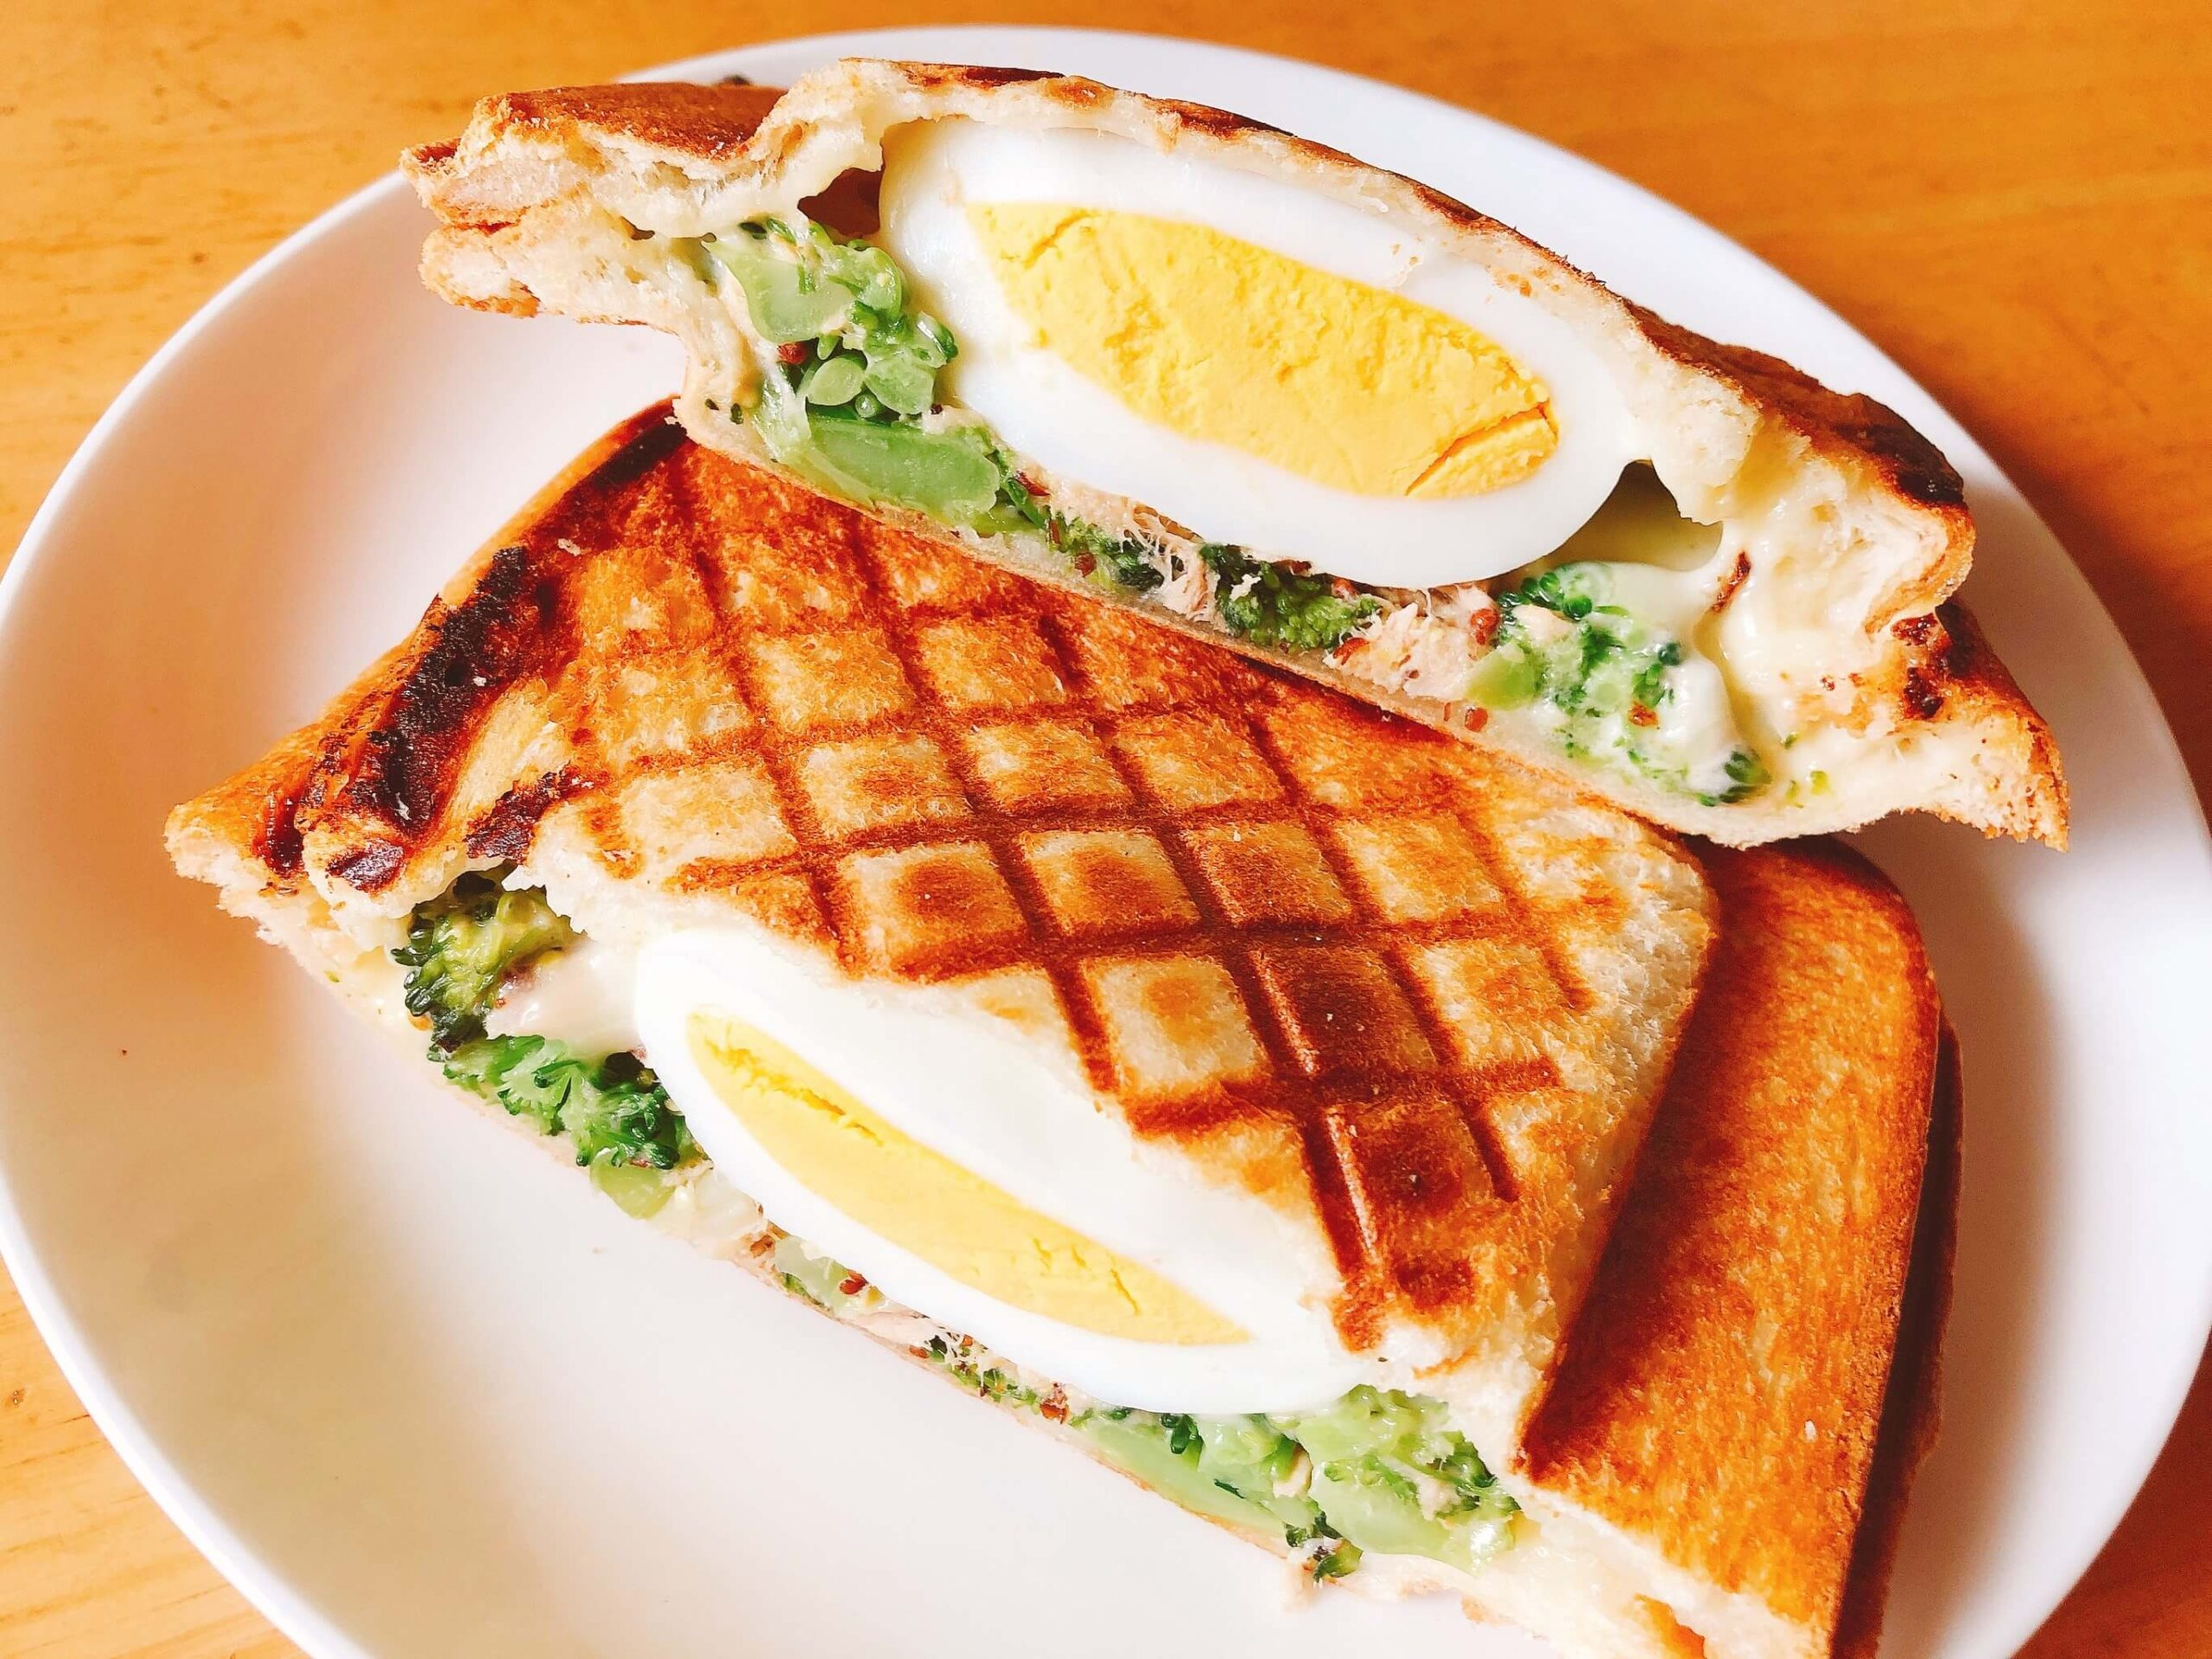 ブロッコリーツナマヨゆで卵のホットサンド